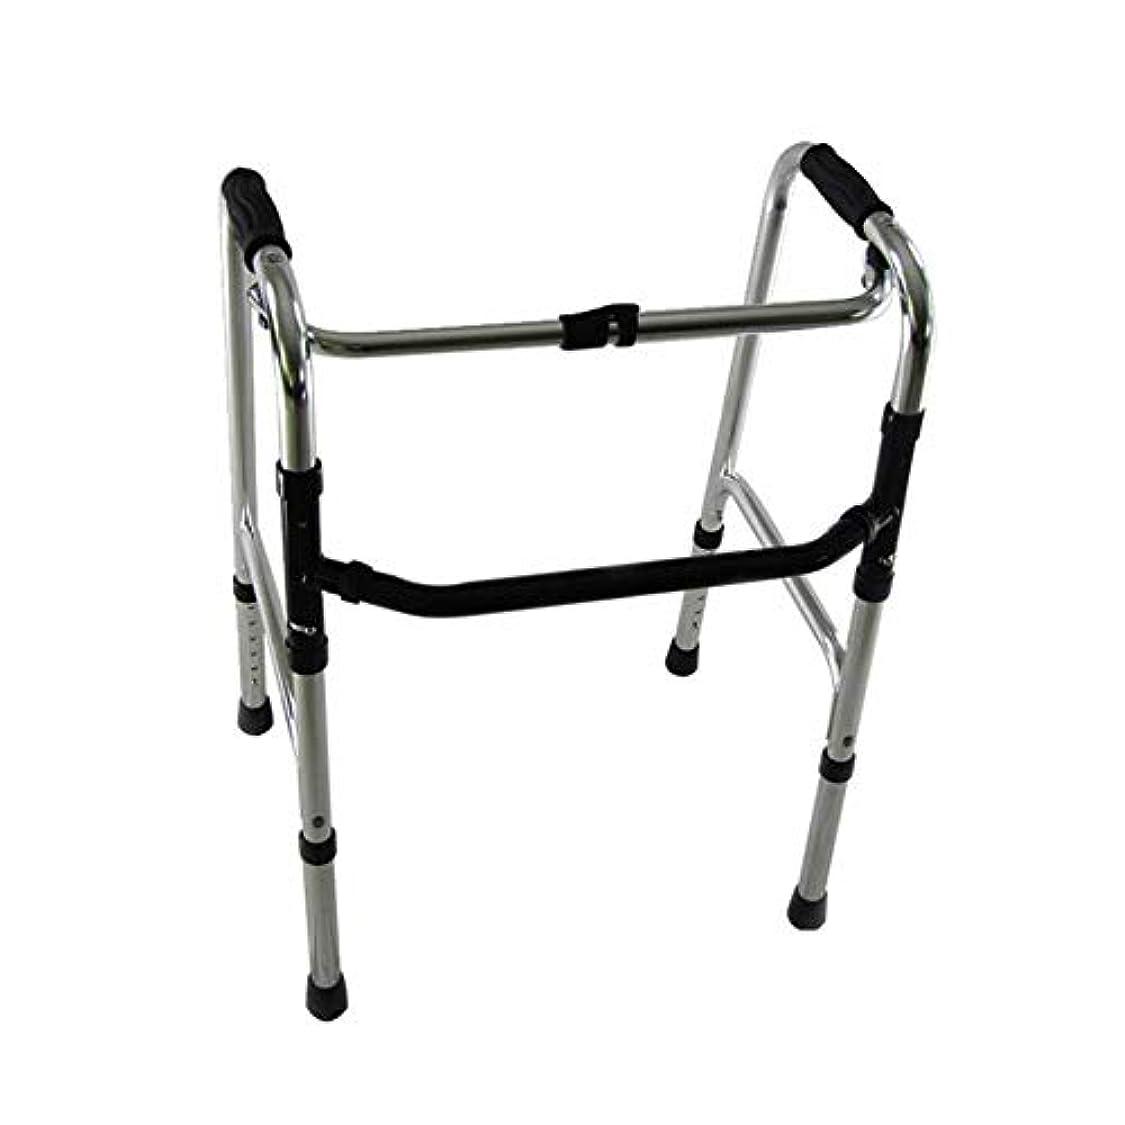 水星余分なパン屋高齢者の障害者支援のために調整可能な軽量歩行フレーム折りたたみアルミニウムの高さ